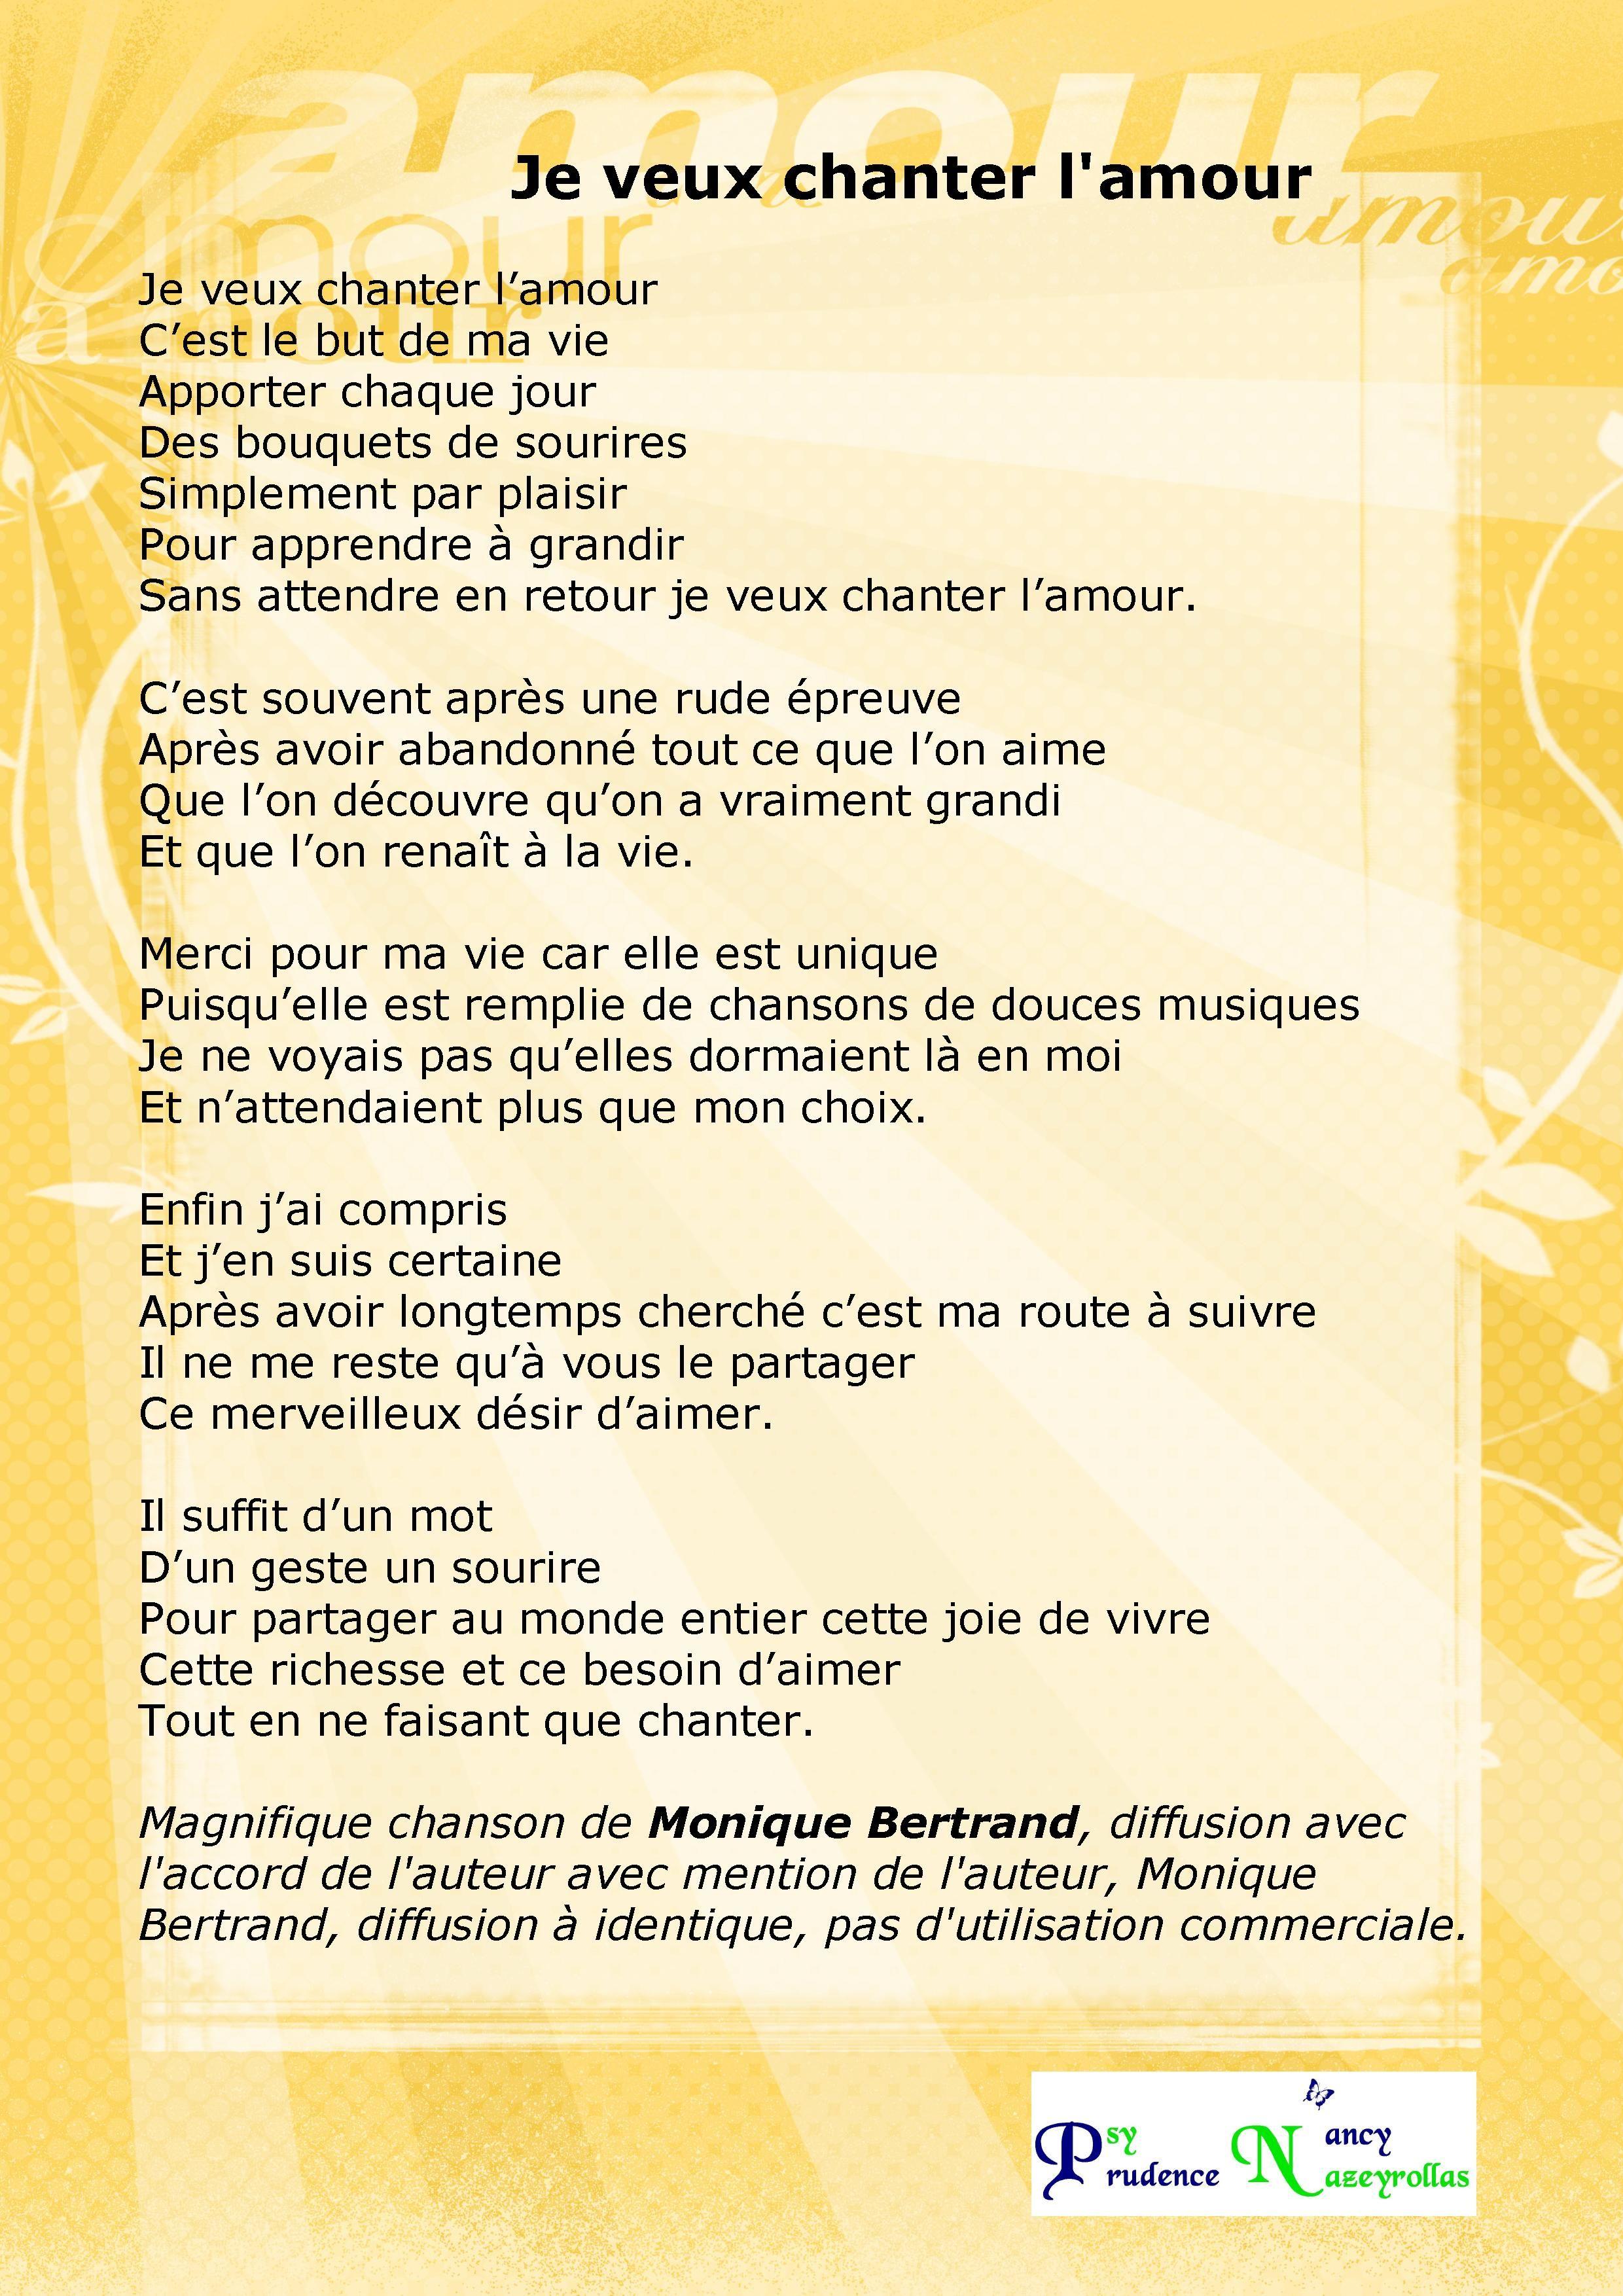 Chanson Si Je Vous Aime : chanson, Chanter, L'amour, Monique, Bertrand, Veux,, Amour,, Citation, Bonheur